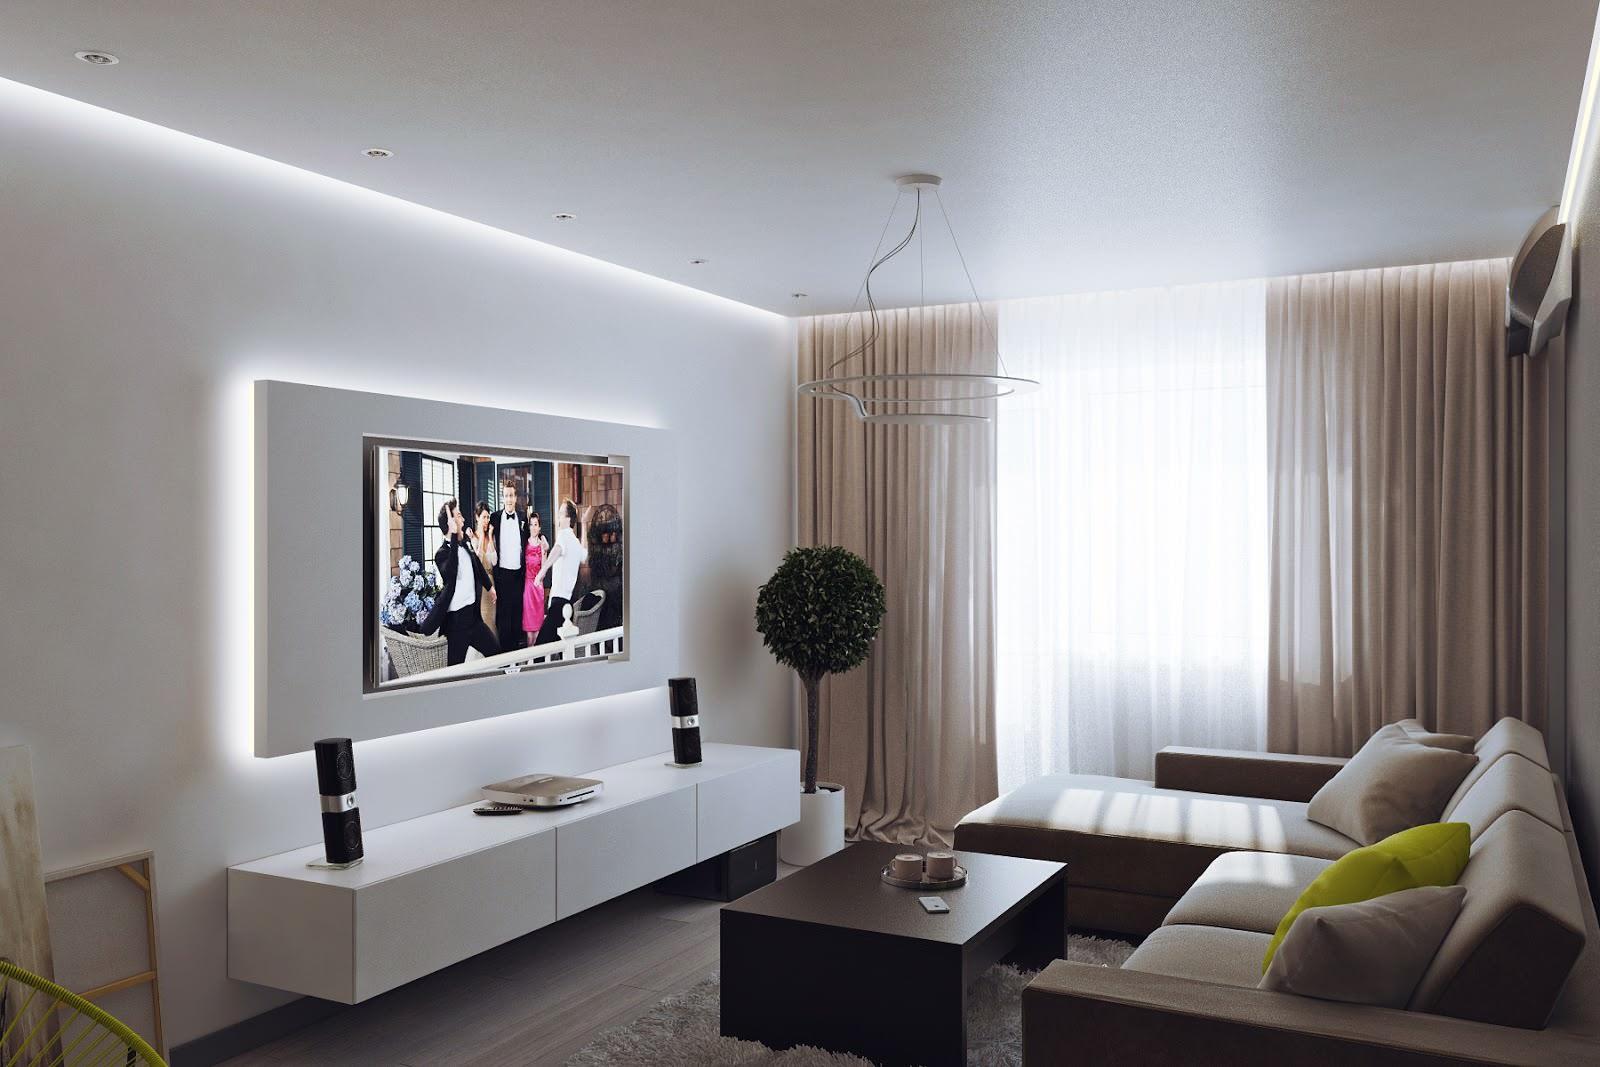 Дизайн двухкомнатной квартиры в бежевых тонах